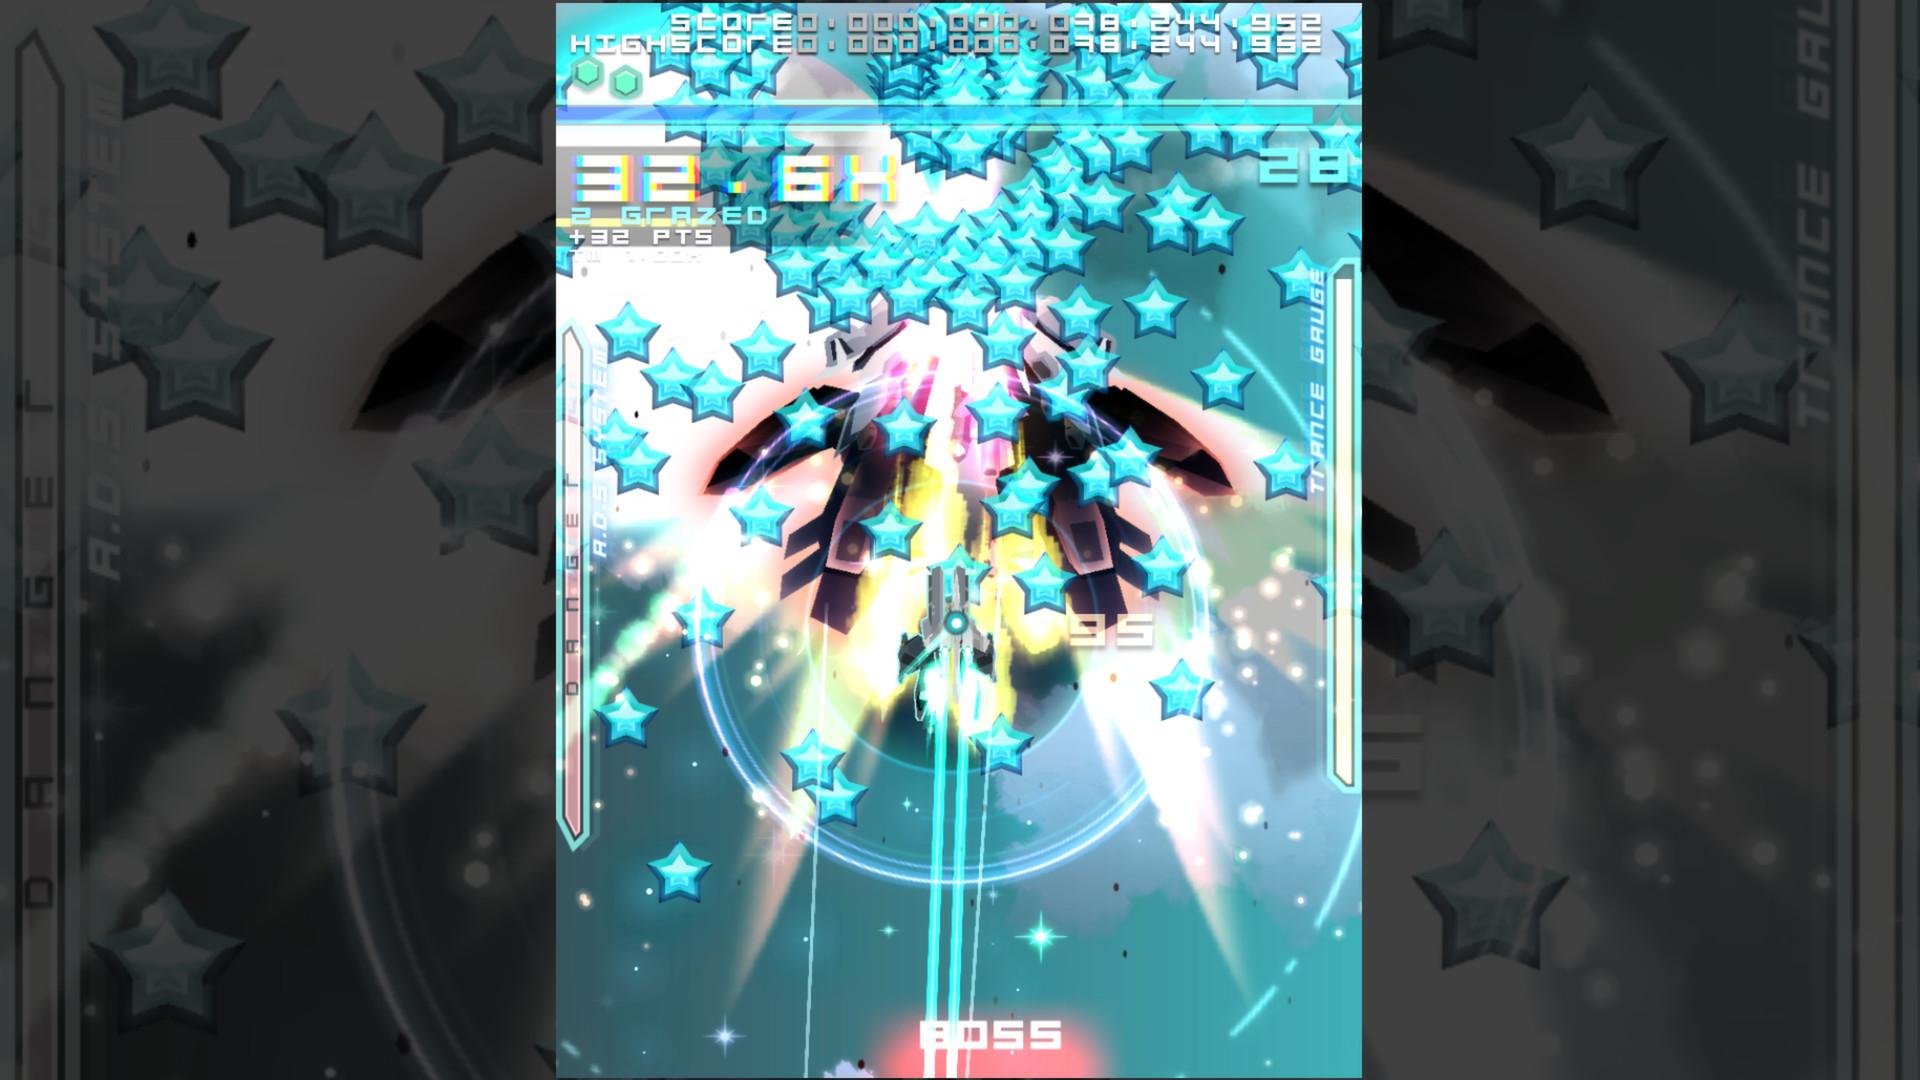 com.steam.280560-screenshot